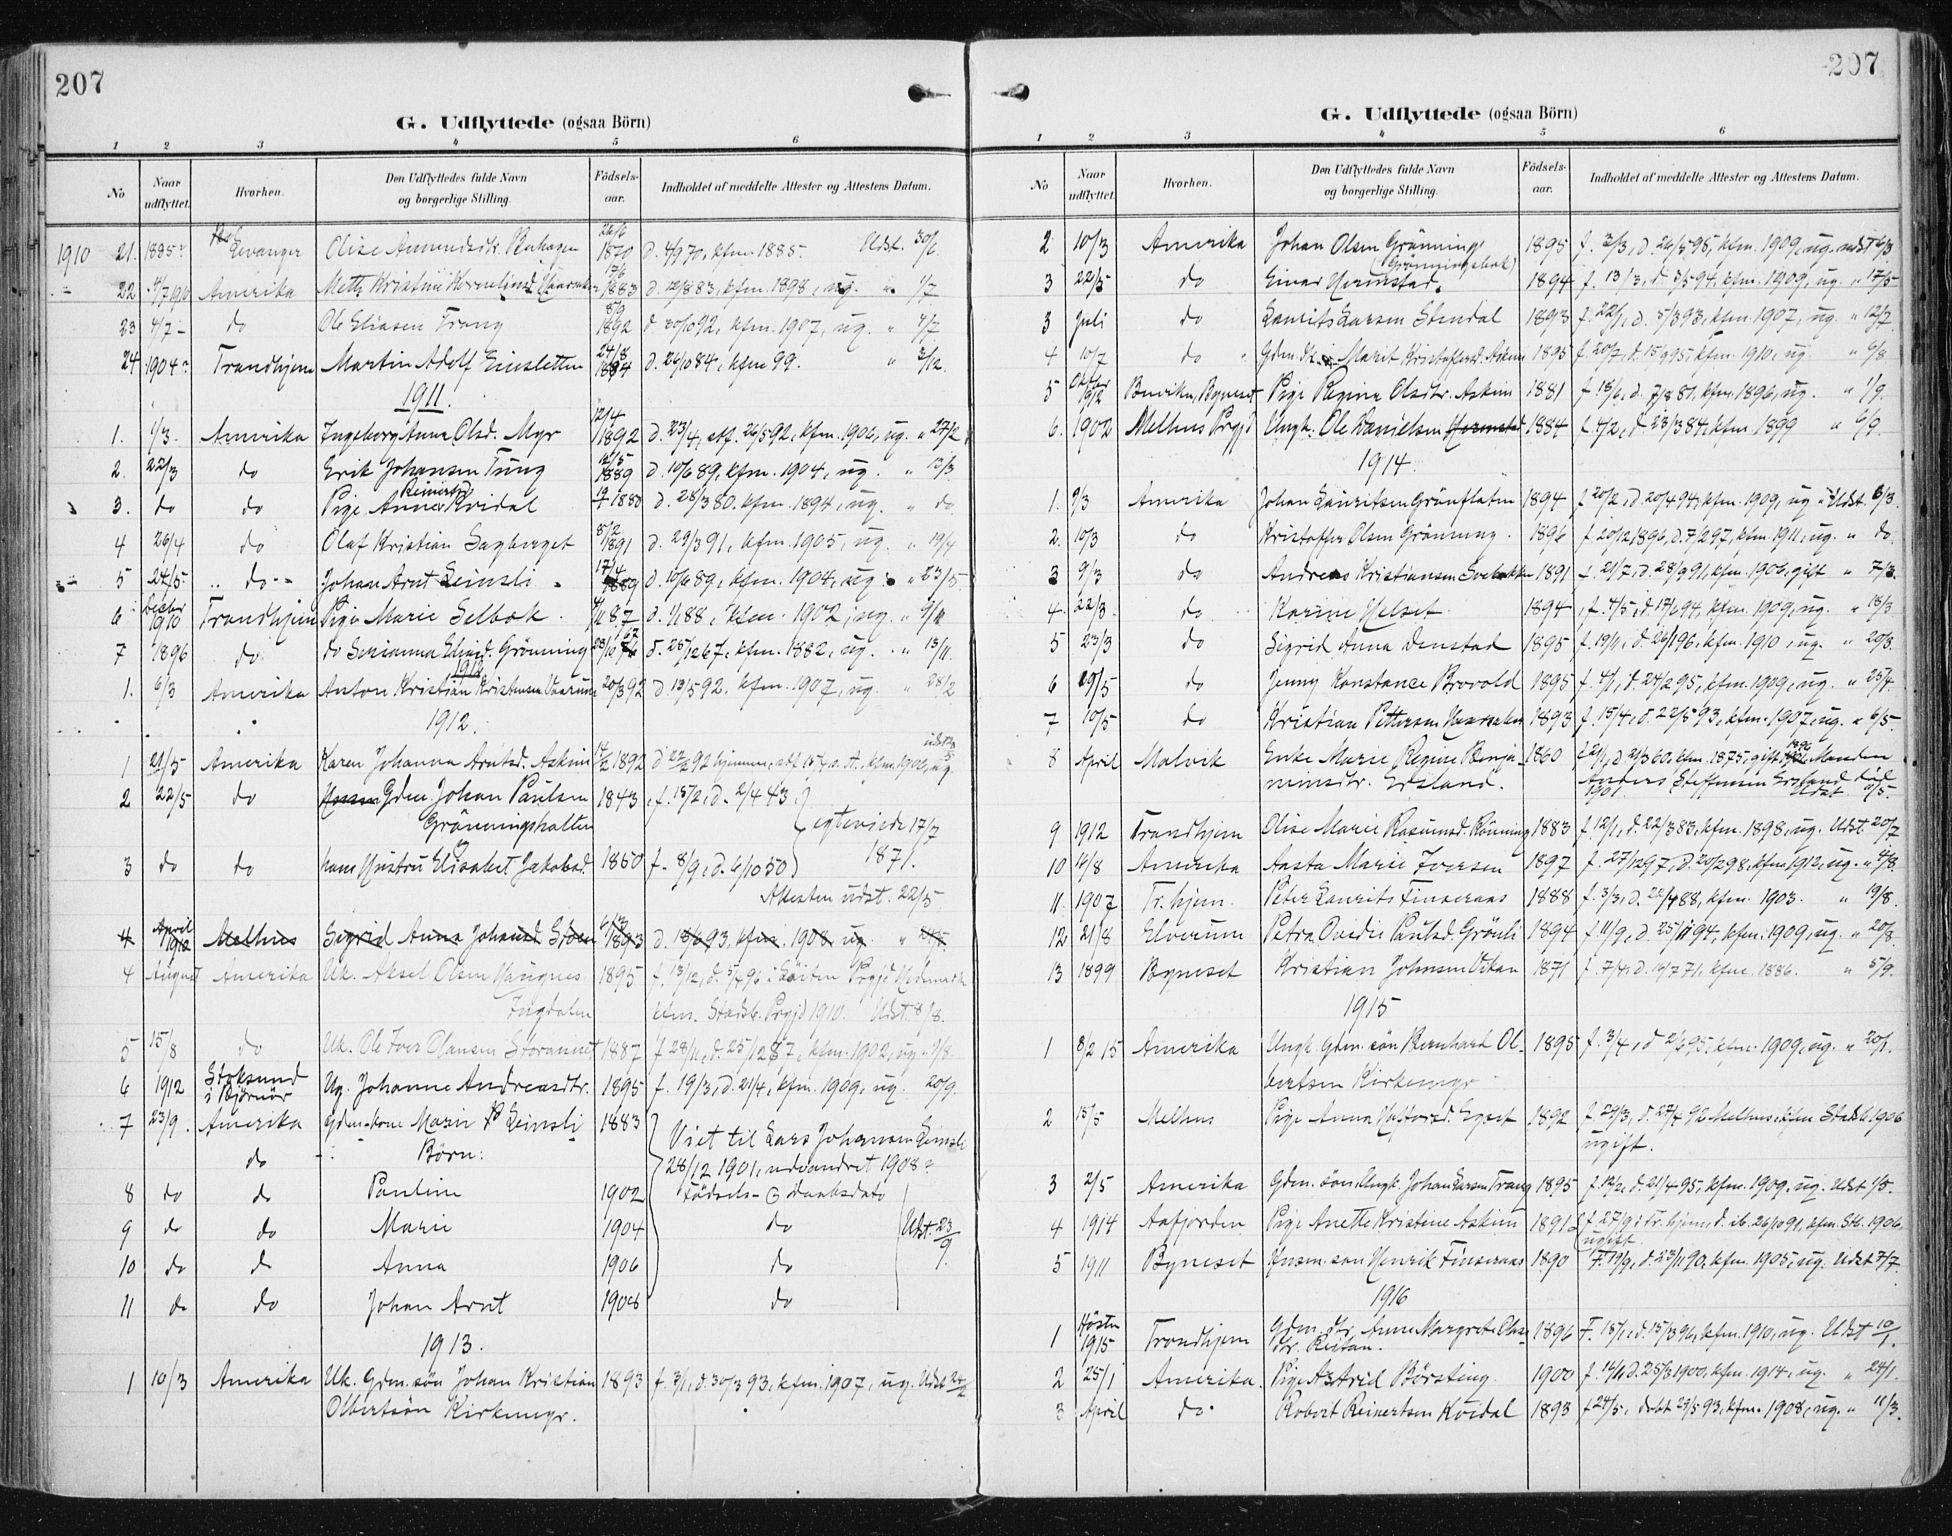 SAT, Ministerialprotokoller, klokkerbøker og fødselsregistre - Sør-Trøndelag, 646/L0616: Ministerialbok nr. 646A14, 1900-1918, s. 207